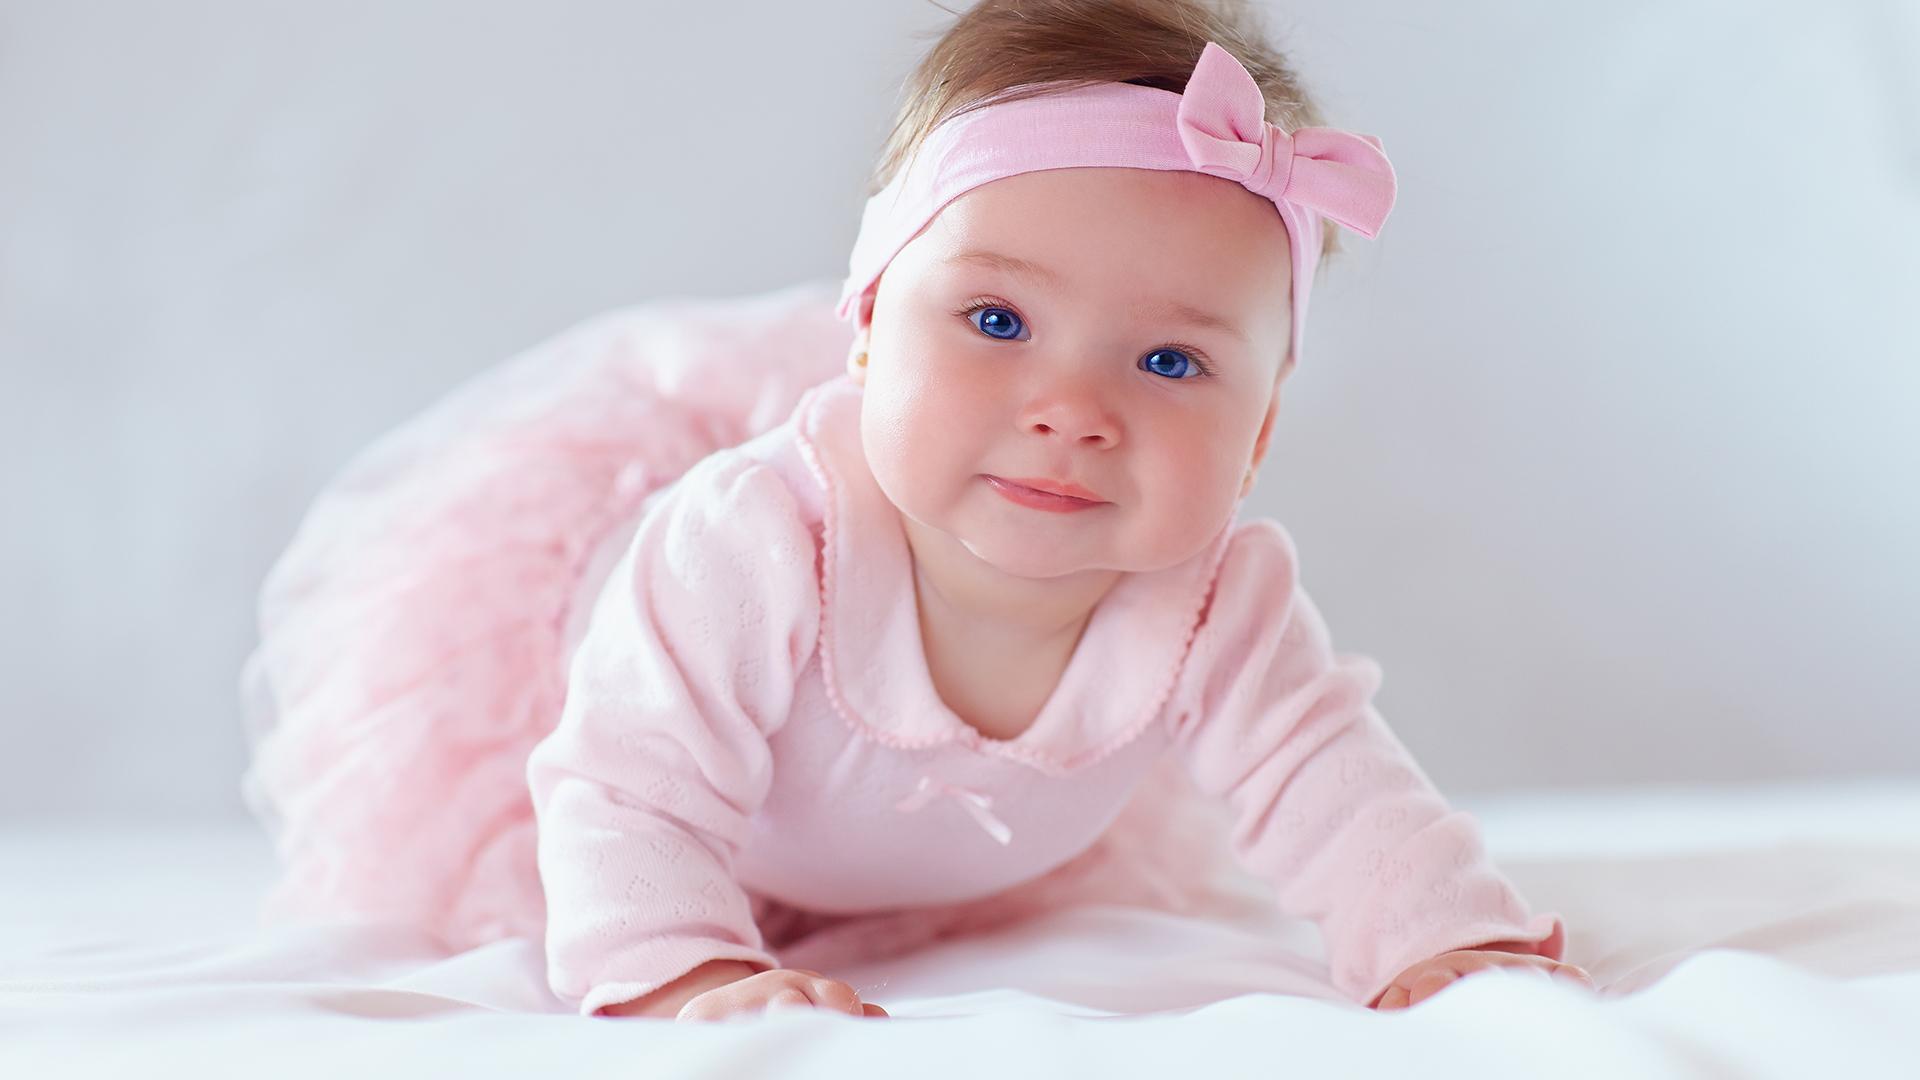 Rüyada Bebeğin Süt Diş Çıkardığını Görmek